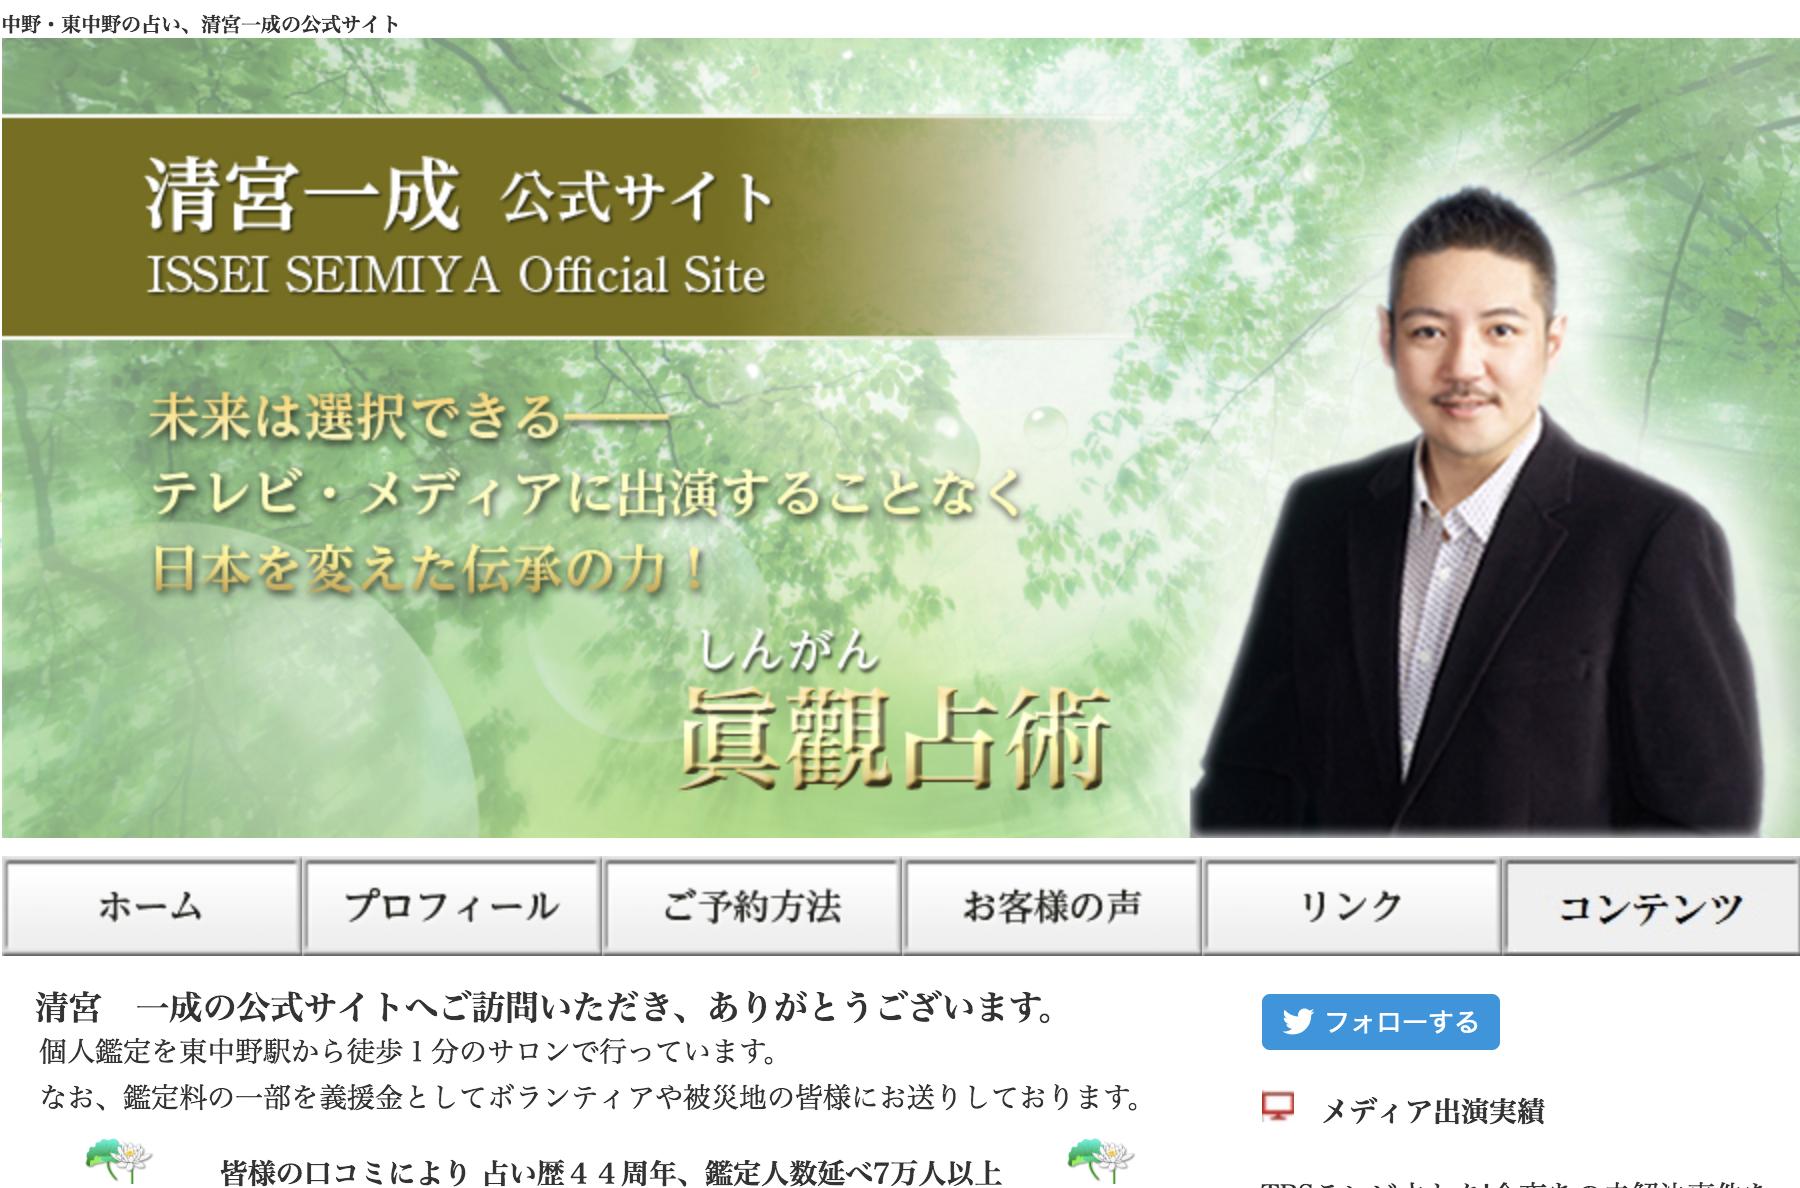 清宮 一成 占いサロンの公式ホームページ